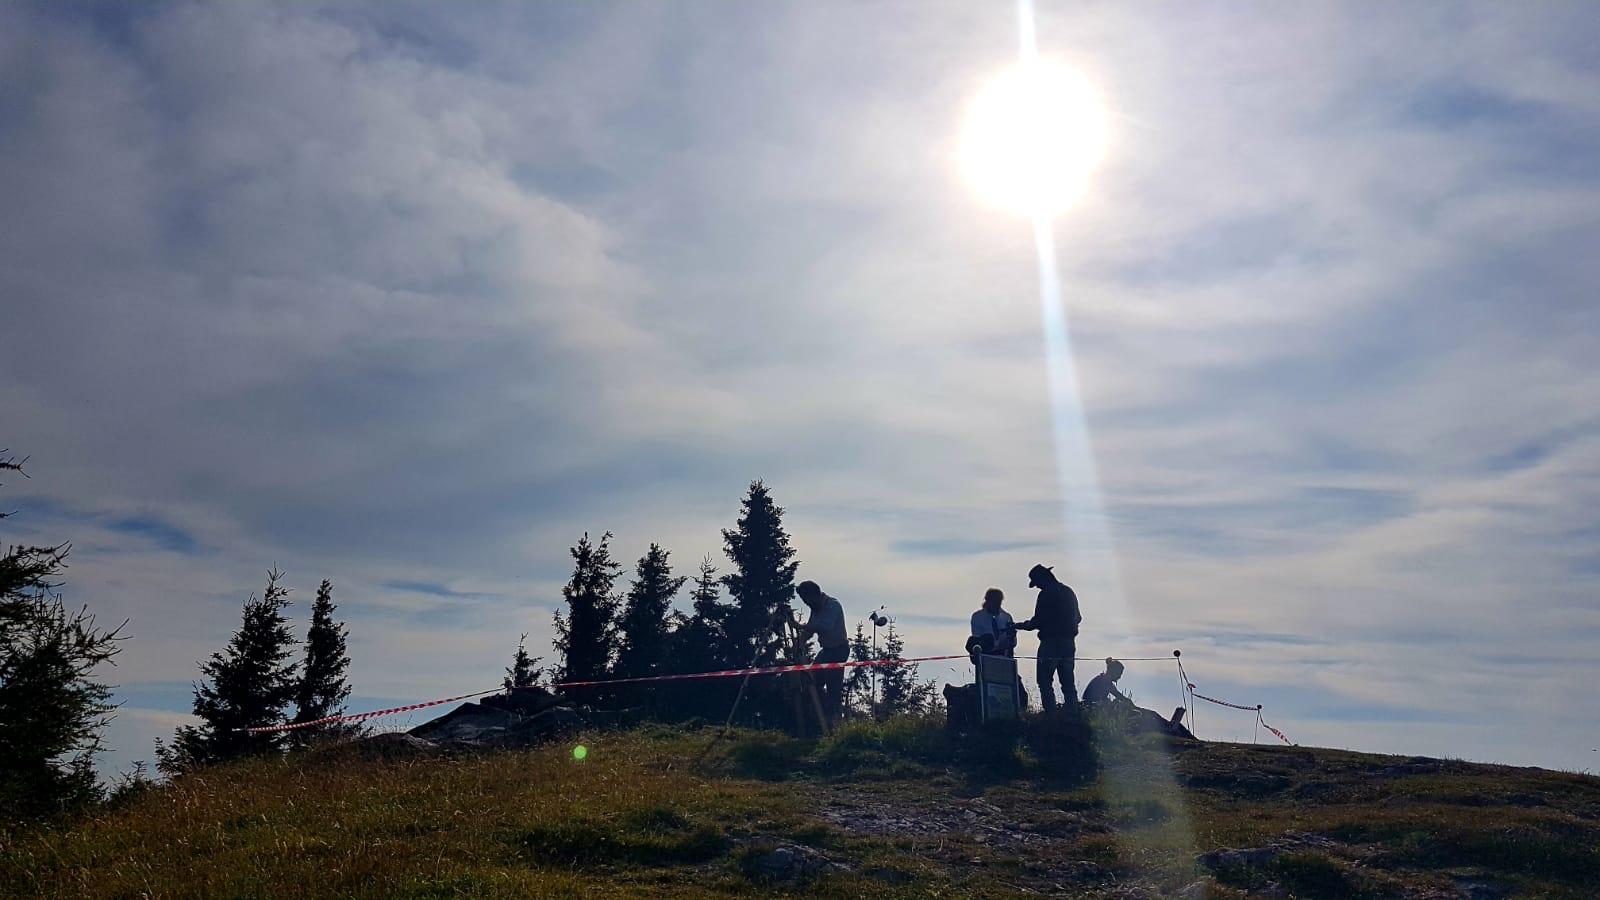 Die dritte GrabuDie dritte Grabungswoche ist die letzte für dieses Jahr, Foto: Levente Horvathngswoche beendet die Arbeiten für dieses Jahr, Foto: Levente Horvath